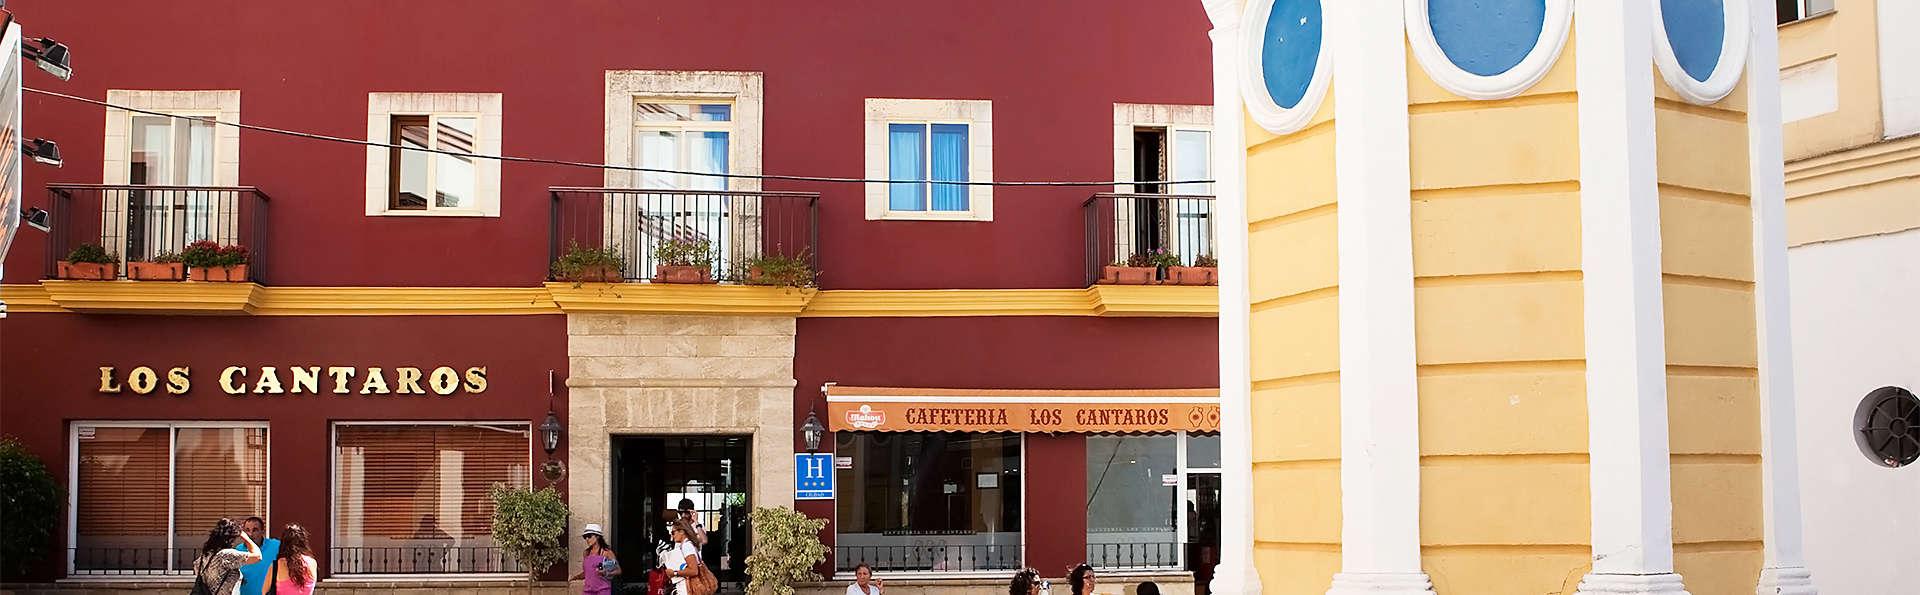 Hotel Los Cántaros - EDIT_facade1.jpg